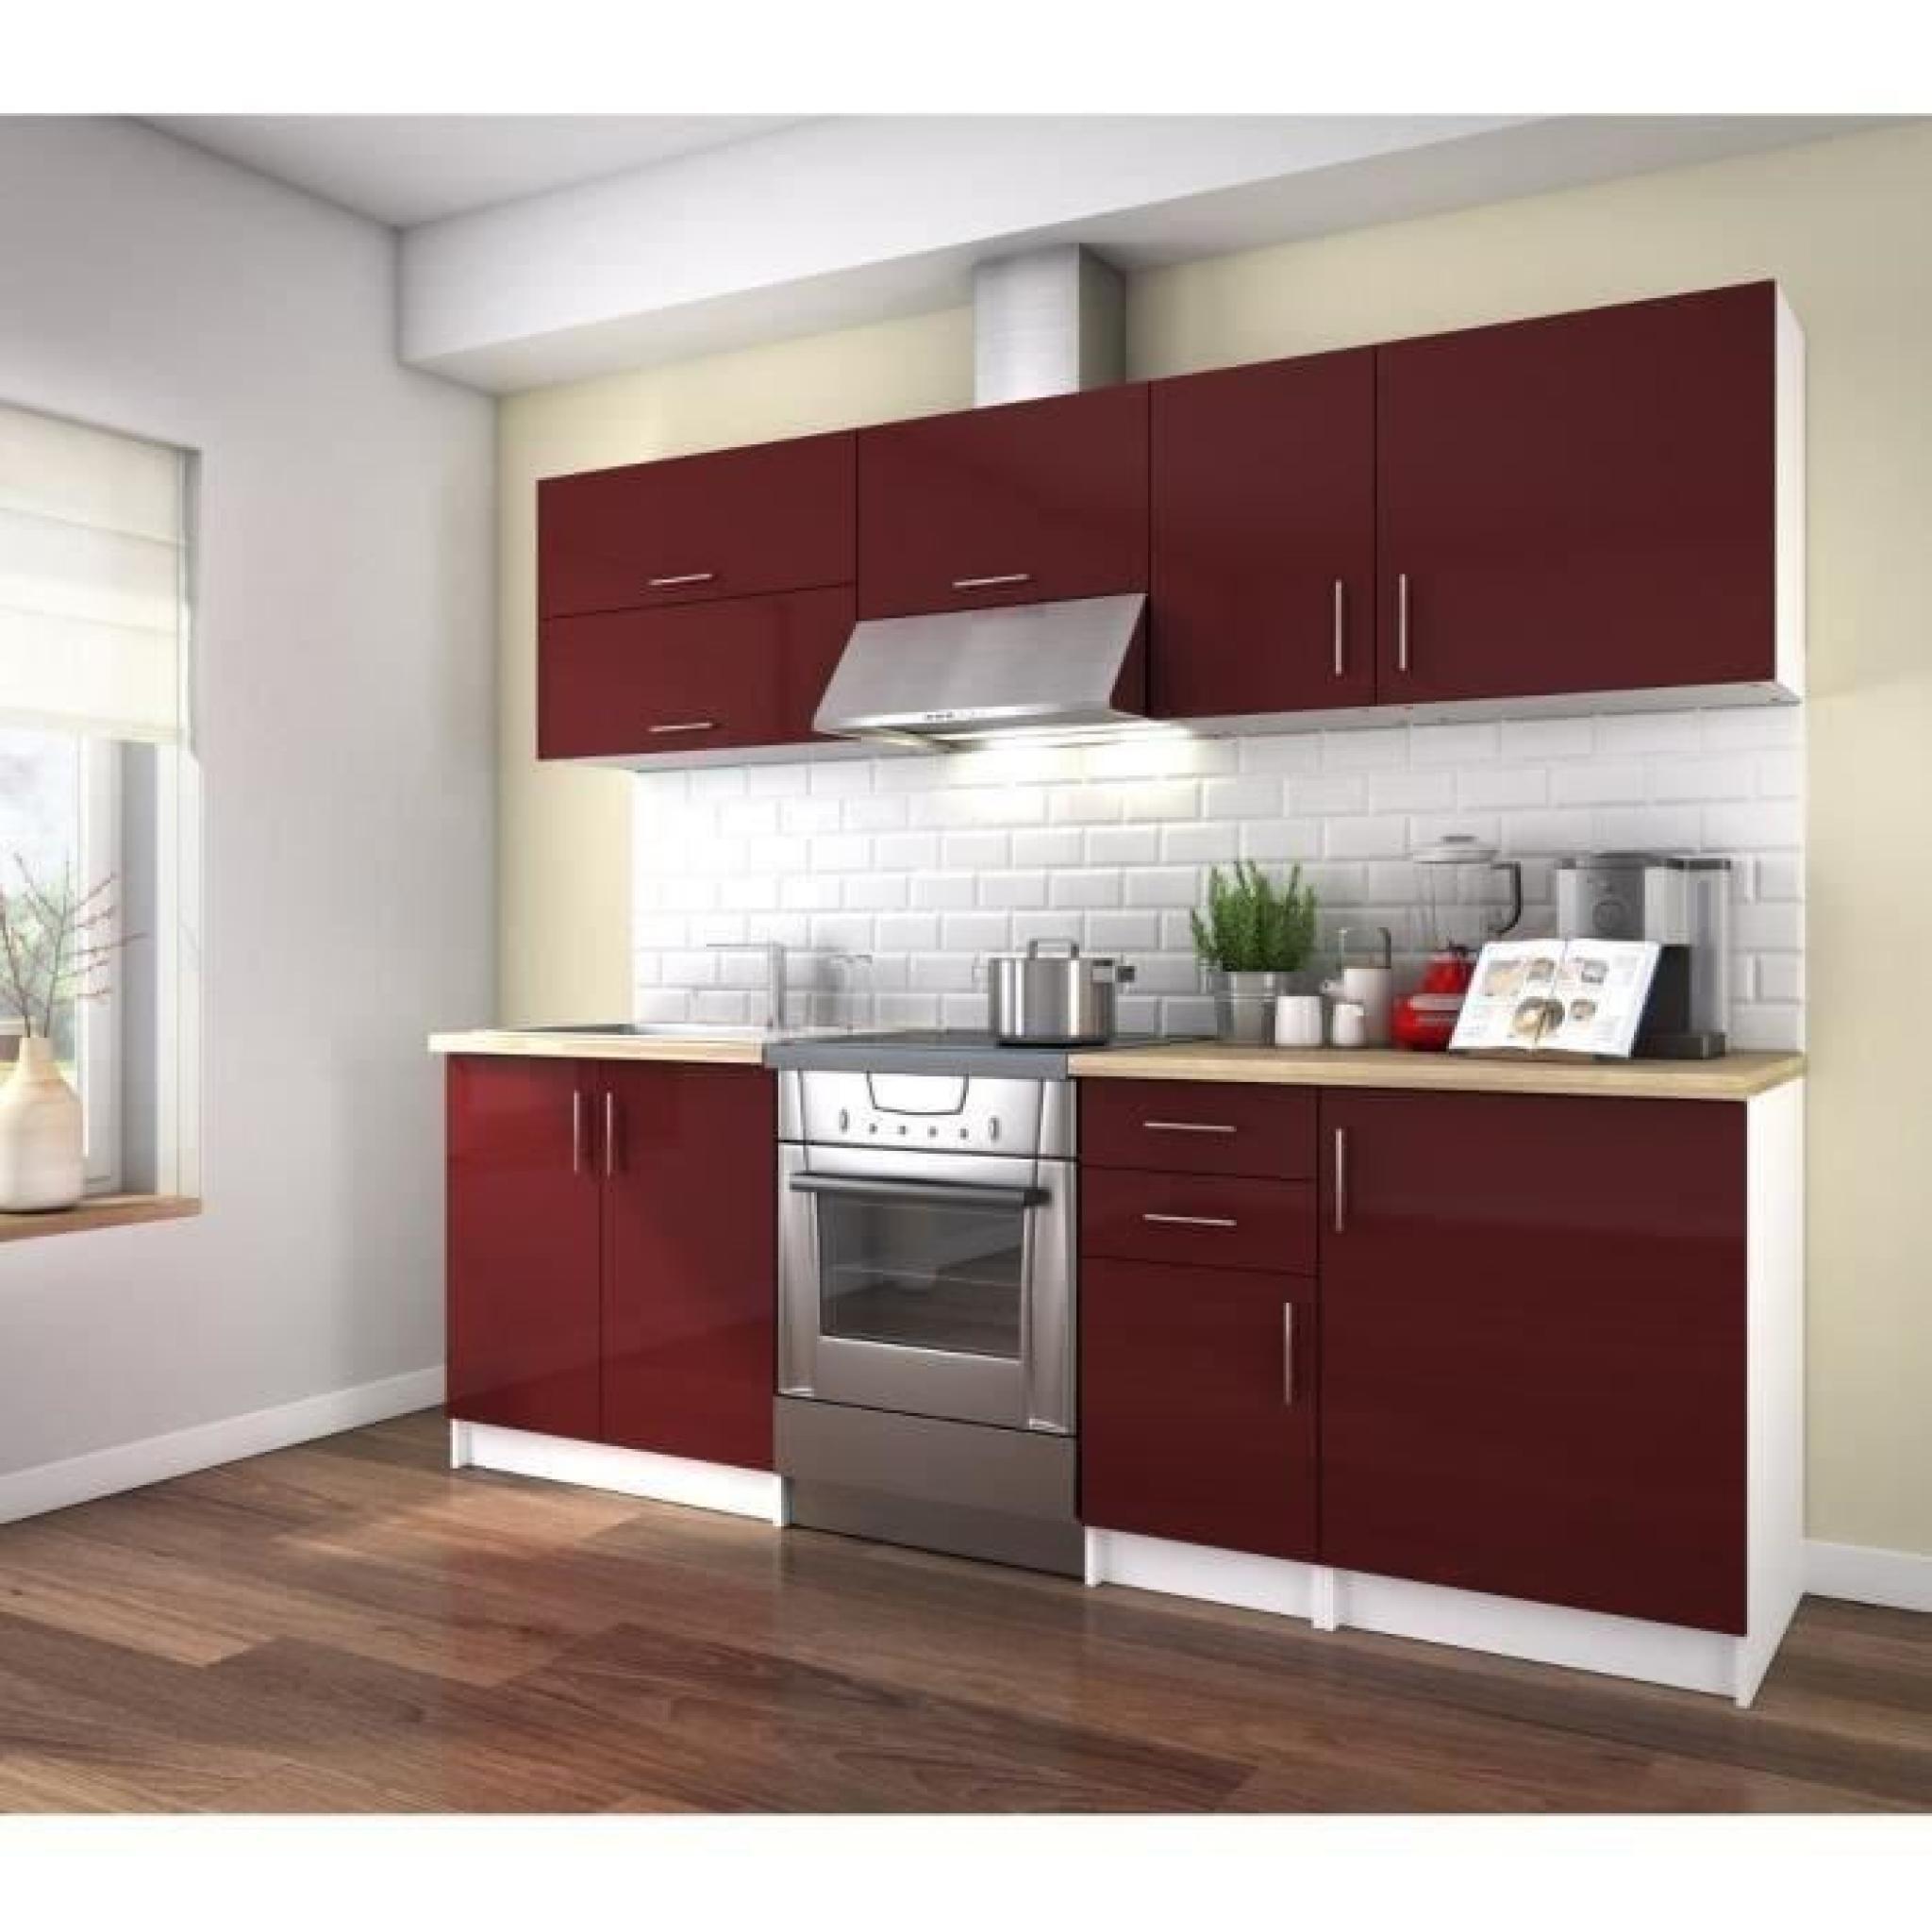 acheter une cuisine pas cher trendy superbe ou acheter une cuisine equipee pas cher une for. Black Bedroom Furniture Sets. Home Design Ideas